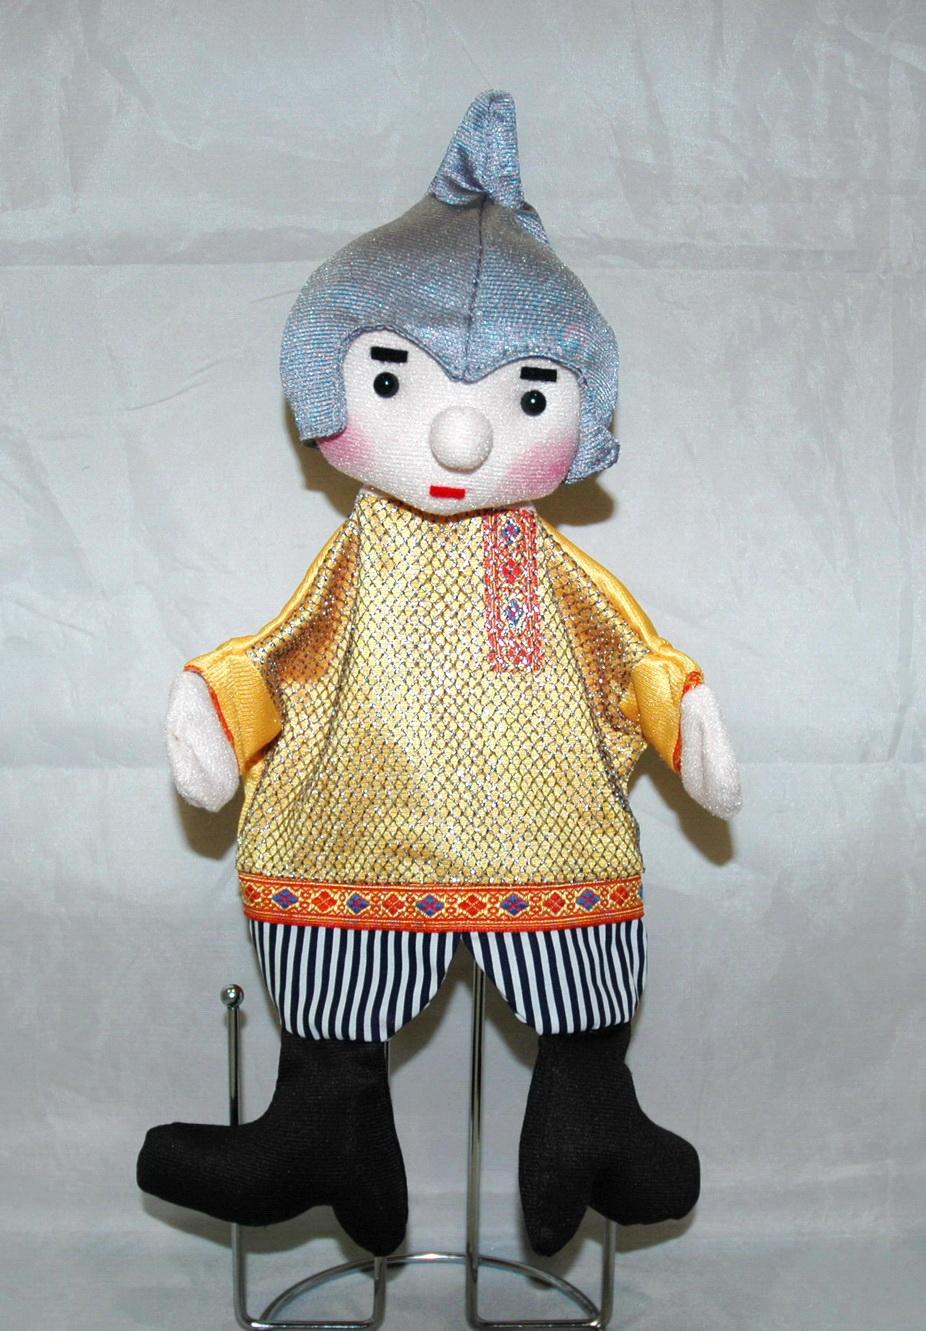 Богатырь кукла-перчатка